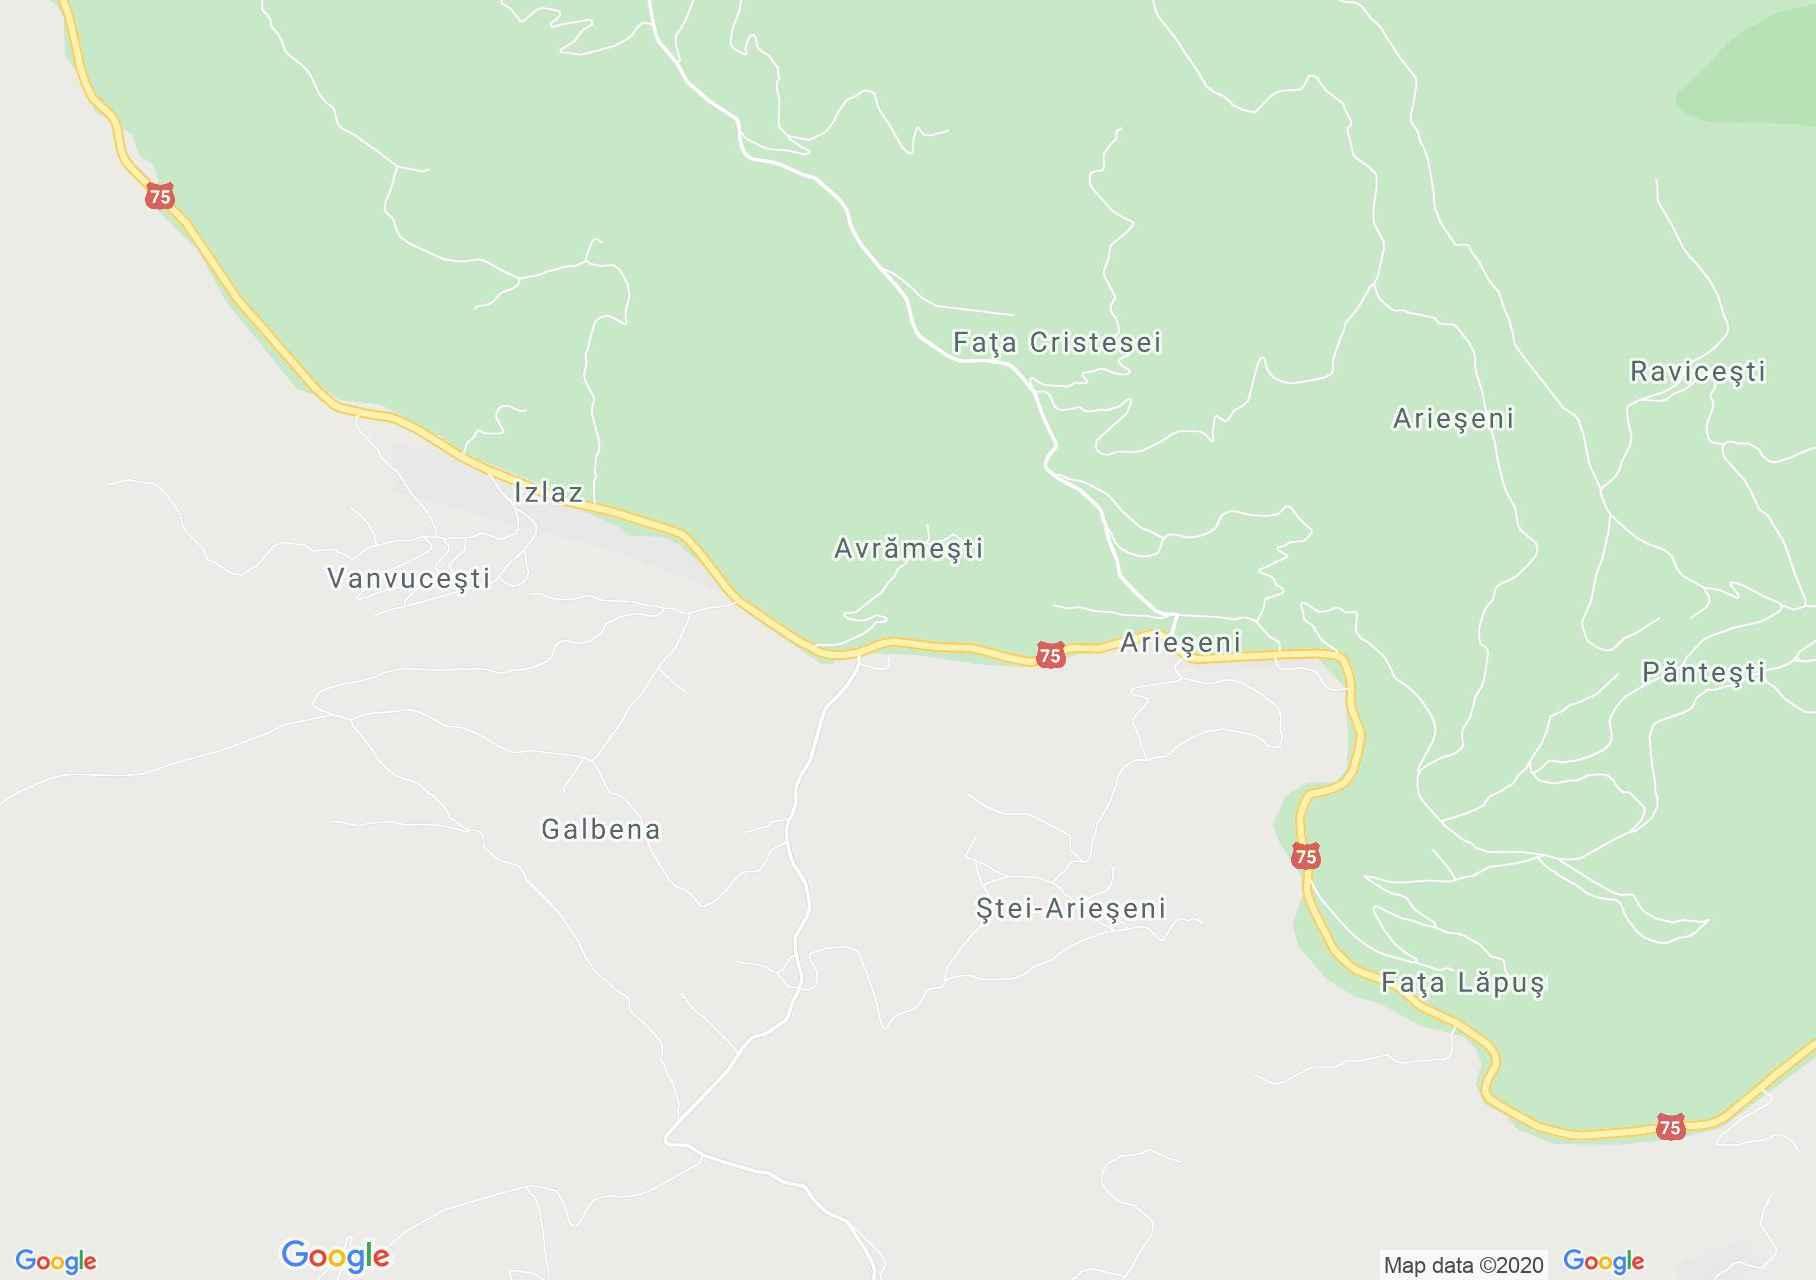 Arieşeni, Harta turistică interactivă